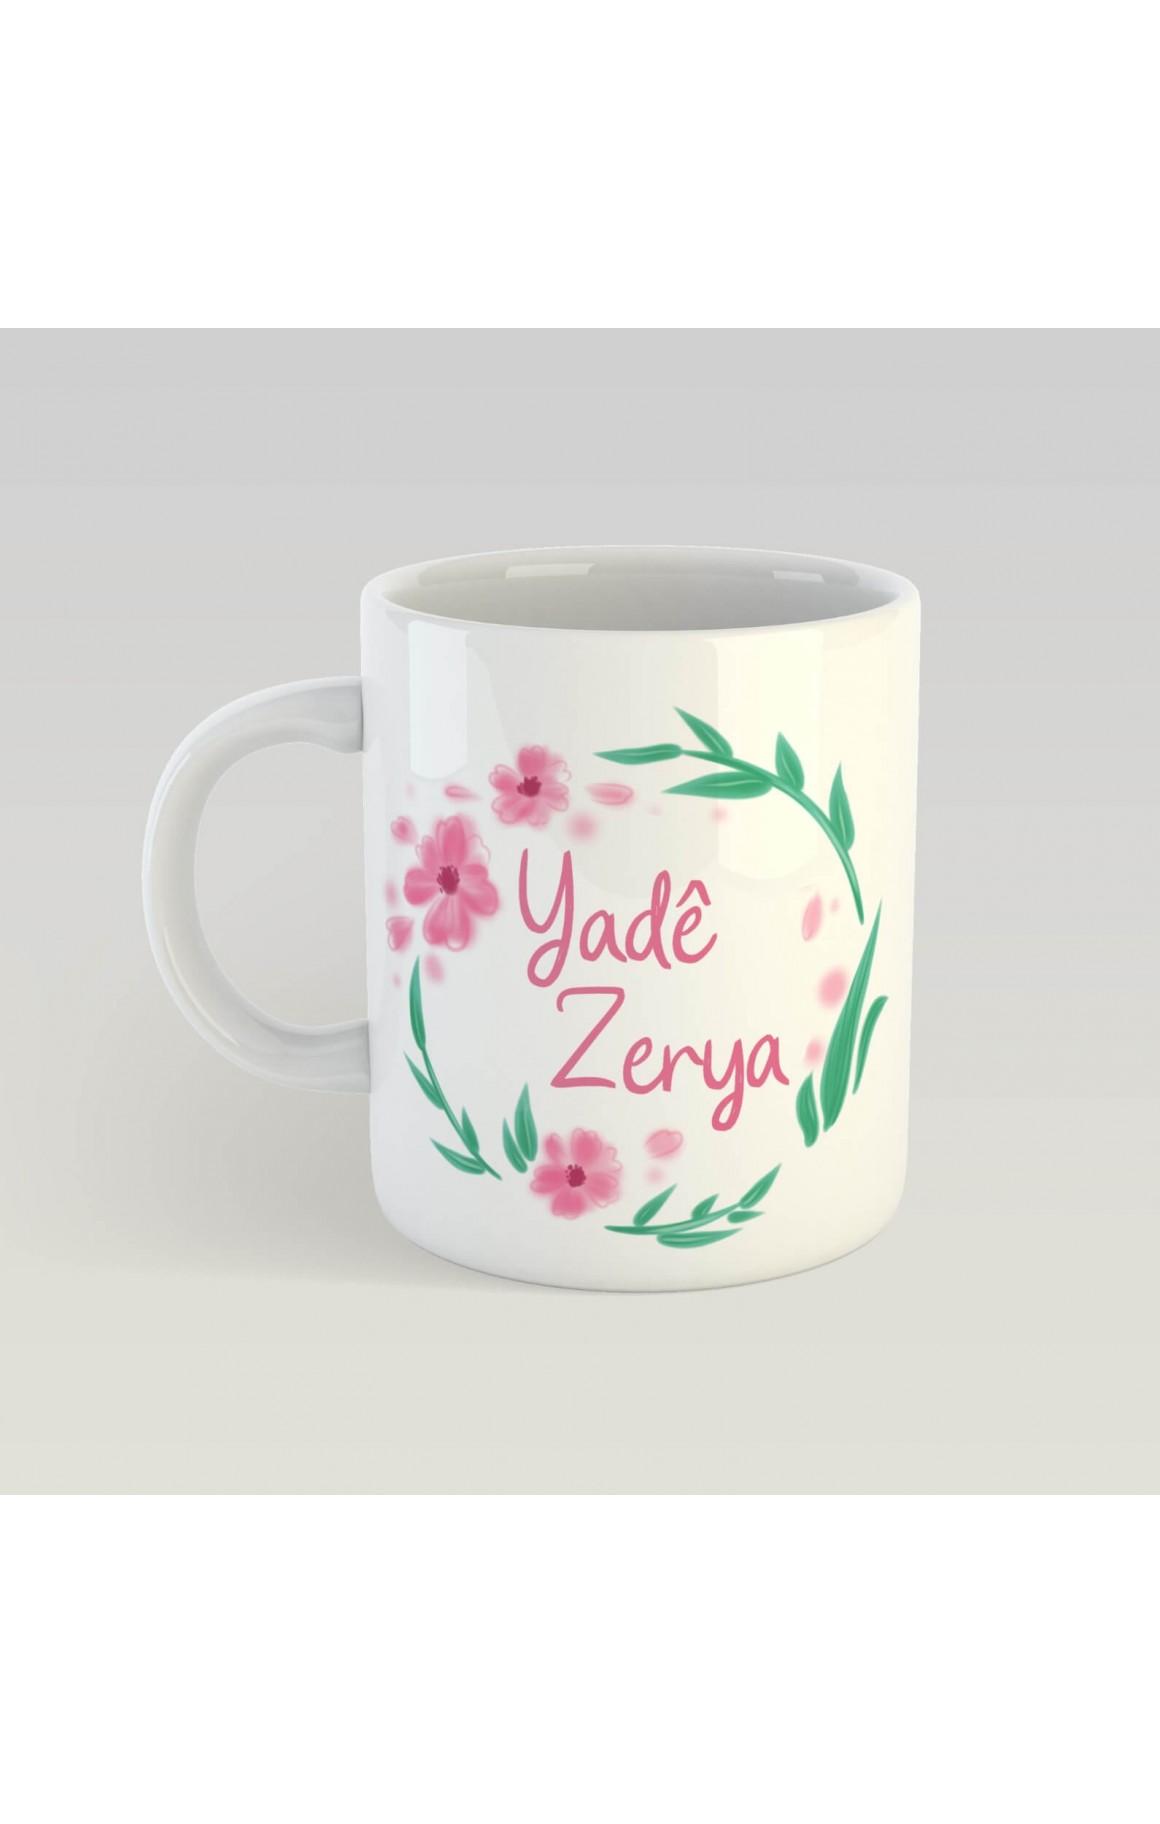 Anneler Gününe Özel İsimli Porselen Kupa - Yadê Zerya 2